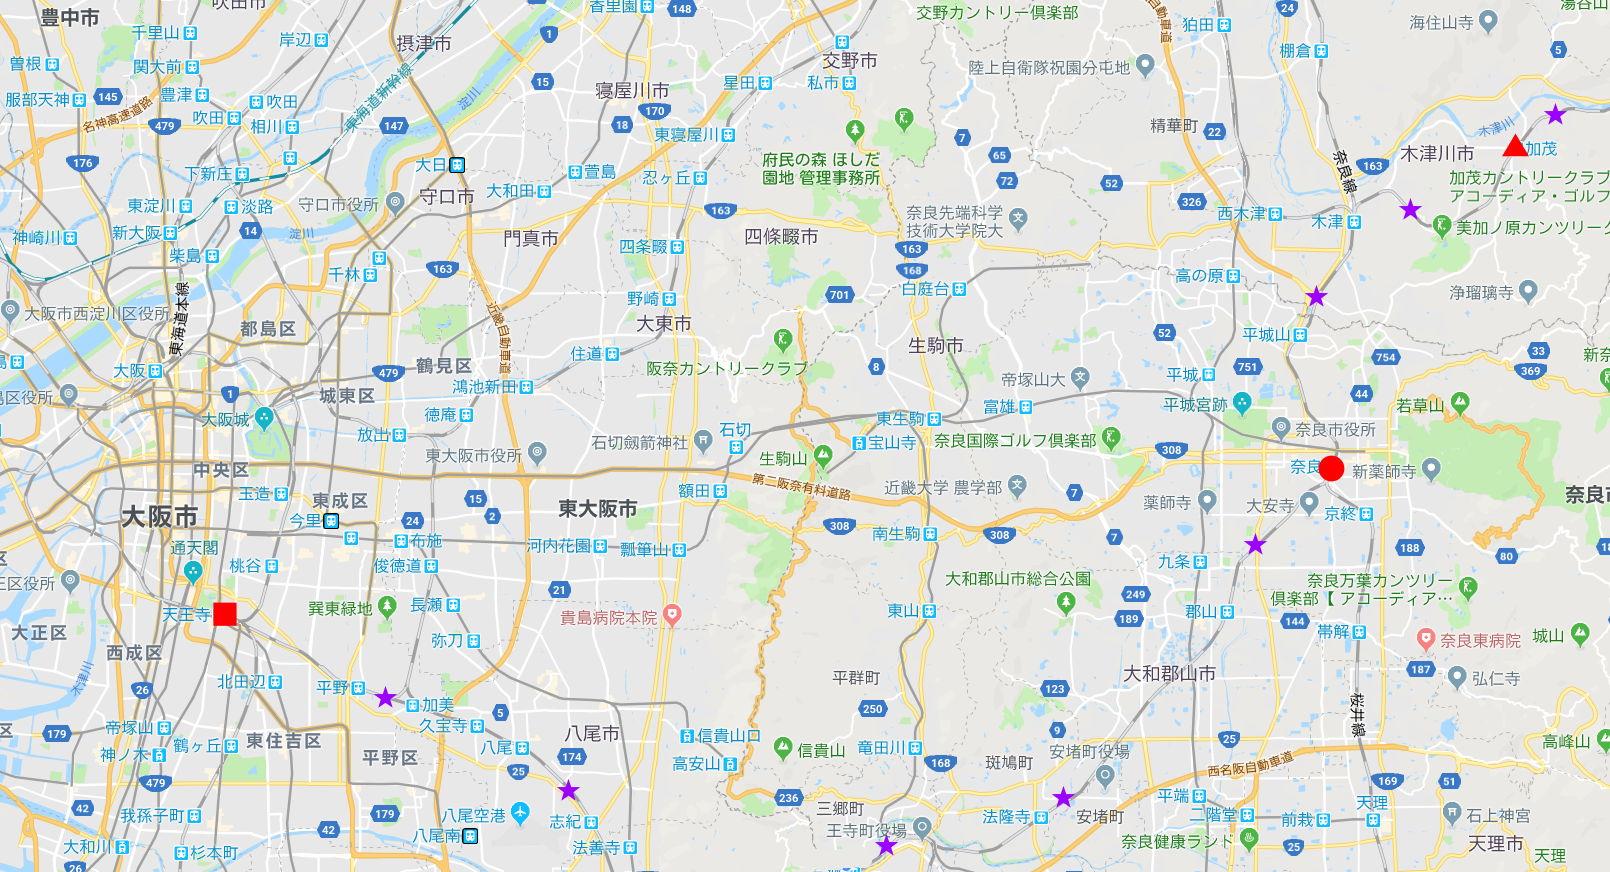 奈良・春の嵐と関西線2013その1-7102